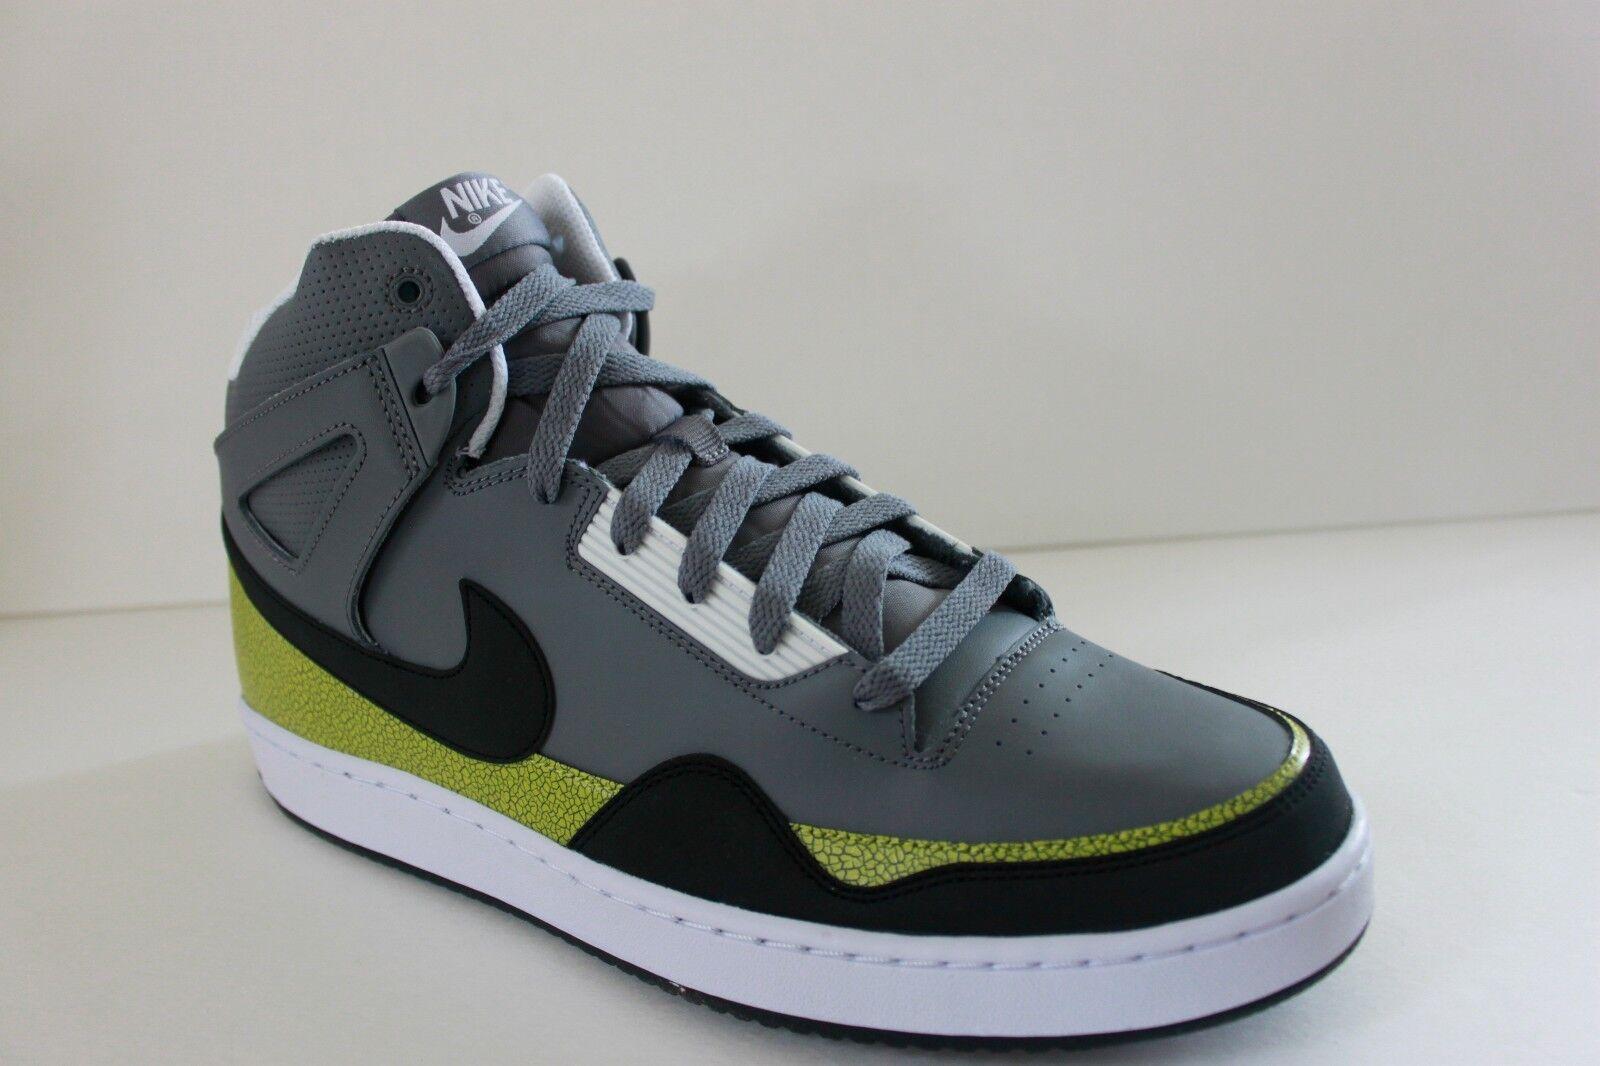 11 nike air max 90 nib Uomo dimensioni 90 max cuoio scarpe oliva nera 302519-014 924e66